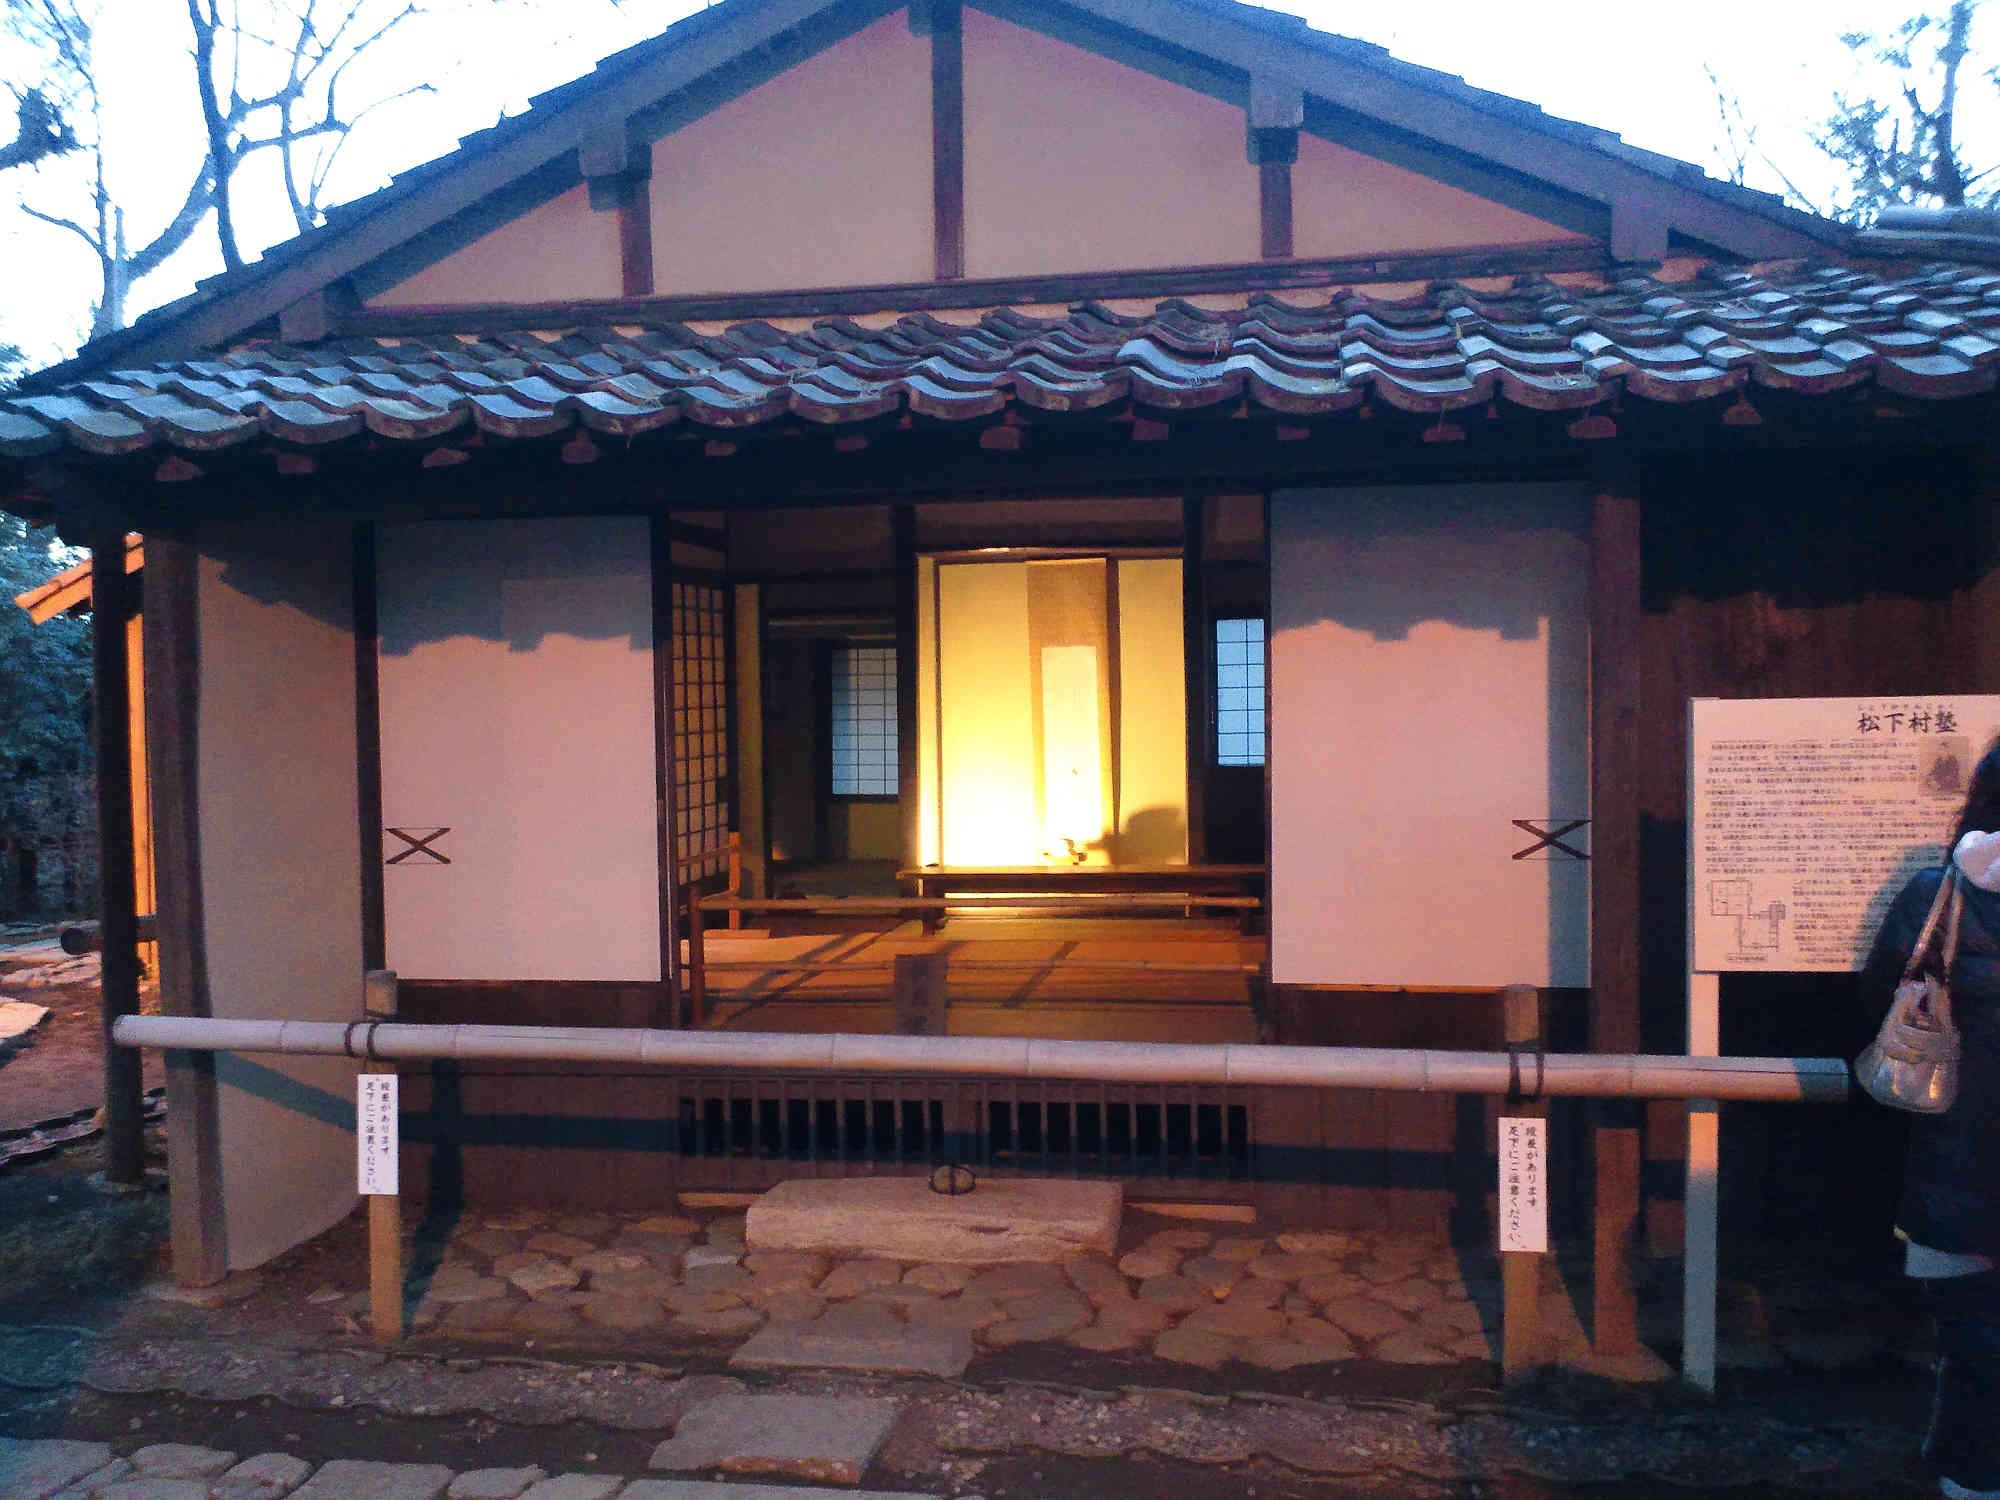 松下村塾のレプリカ